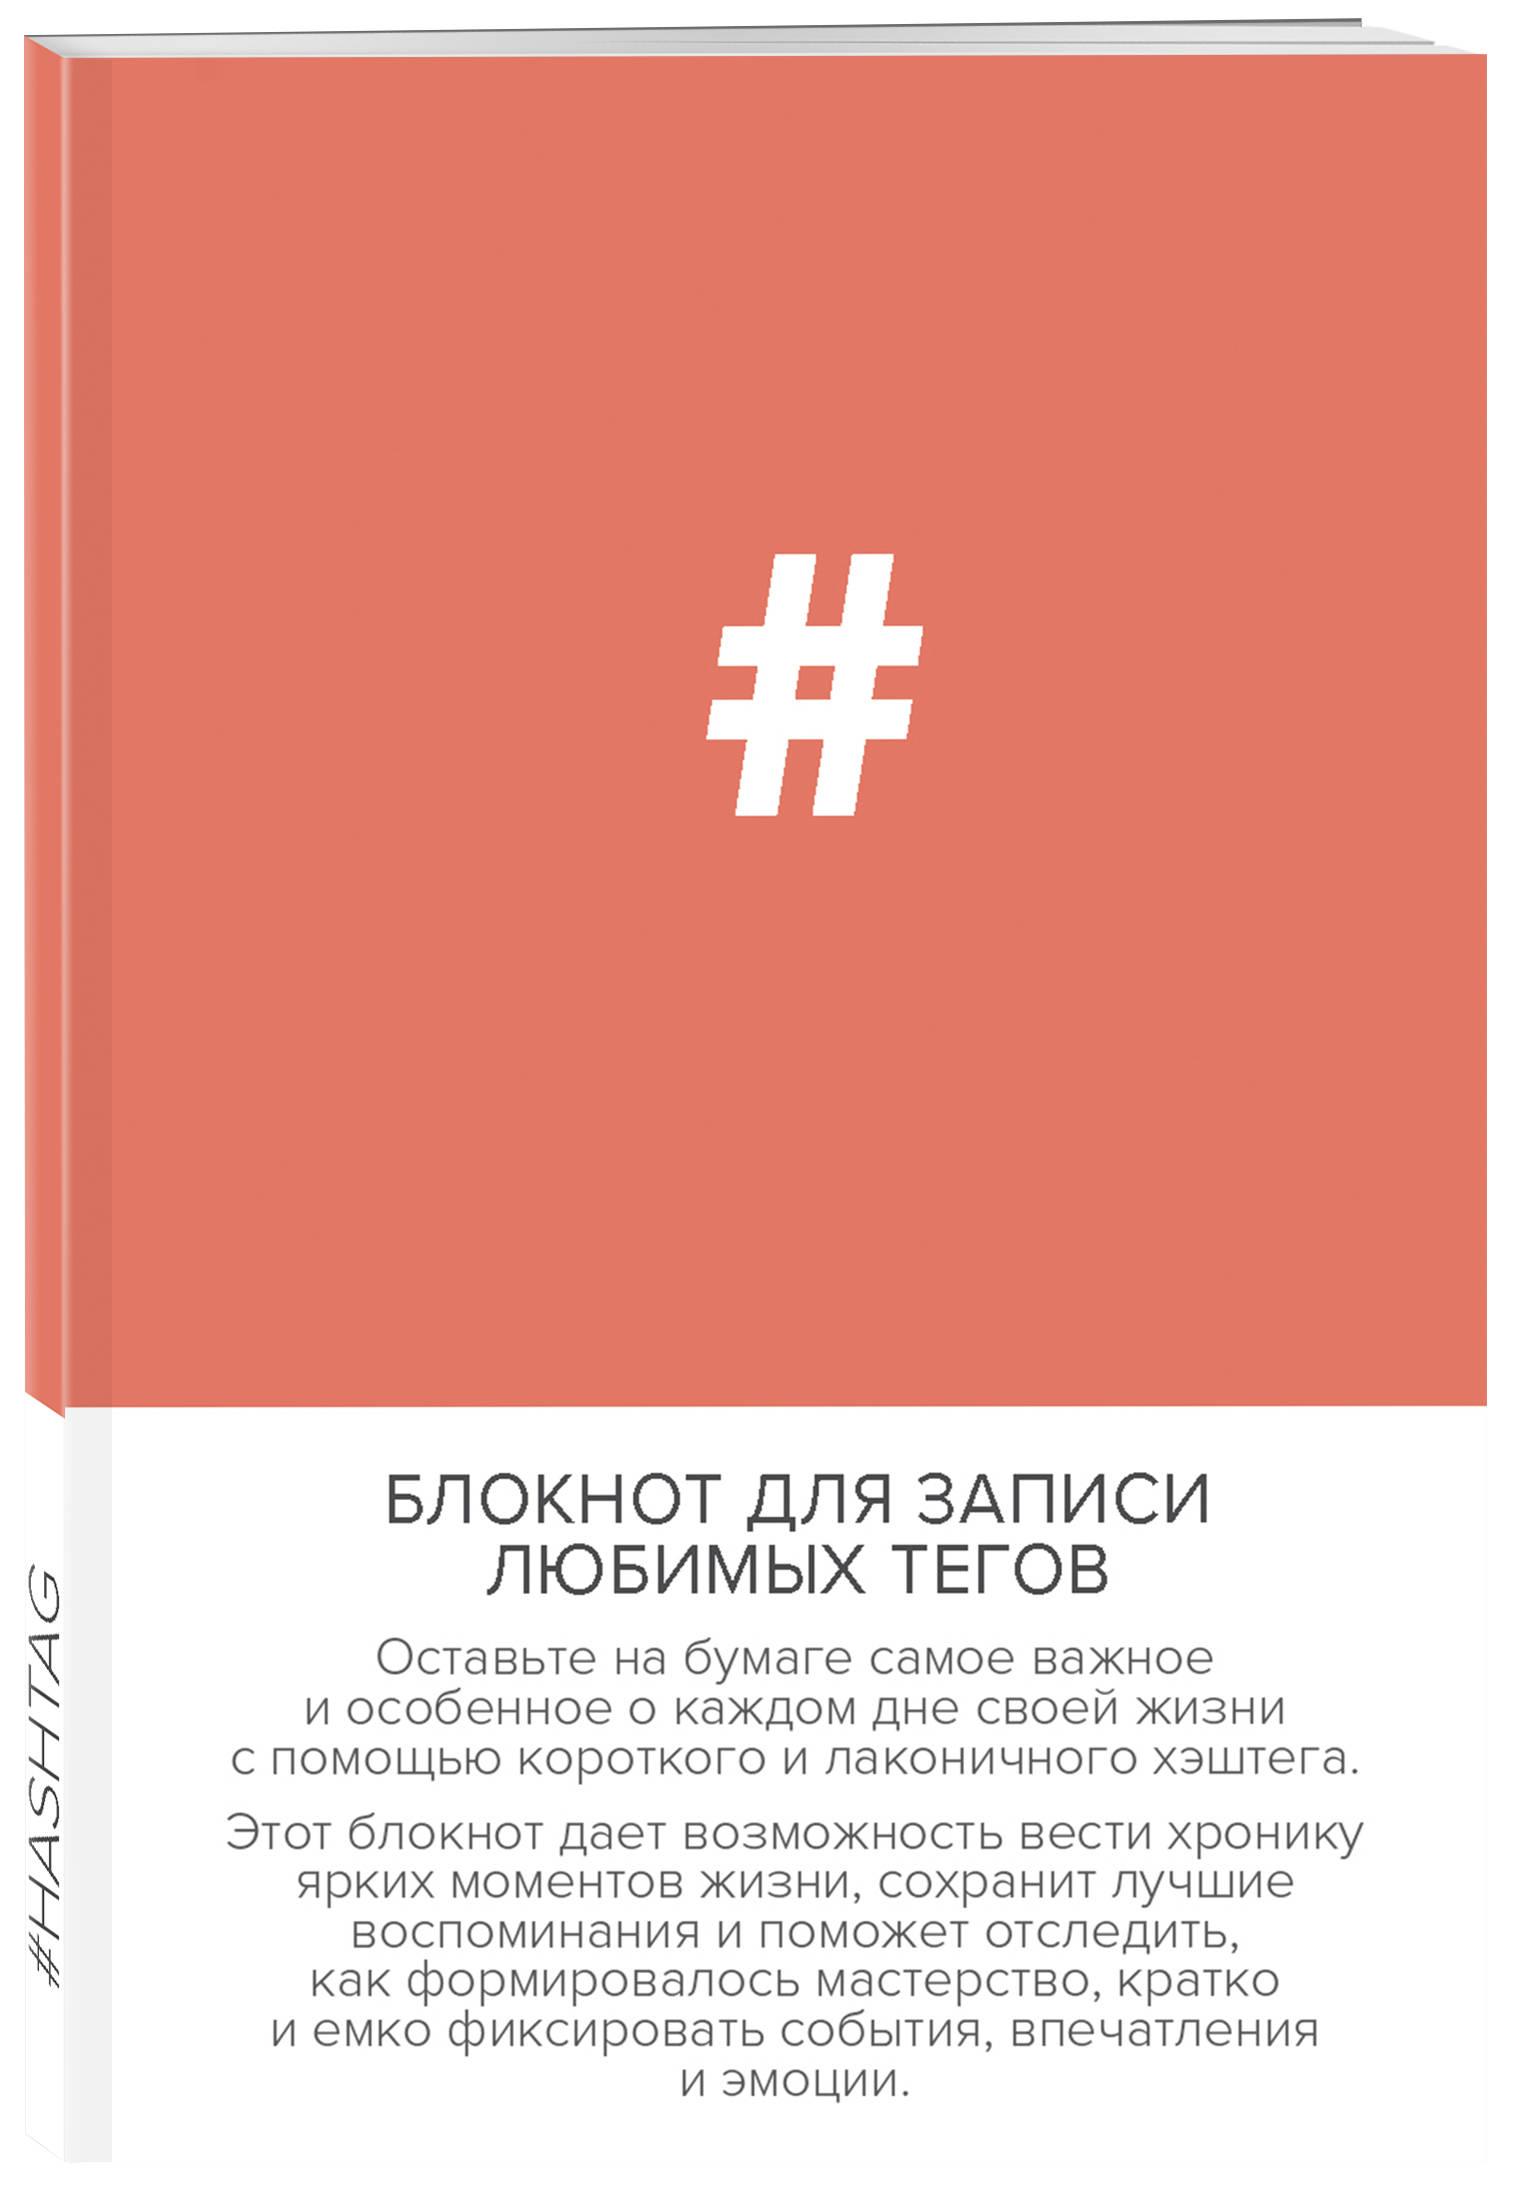 Блокнот для записи любимых тегов. #HASHTAG (обложка оранжевая) (Арте)